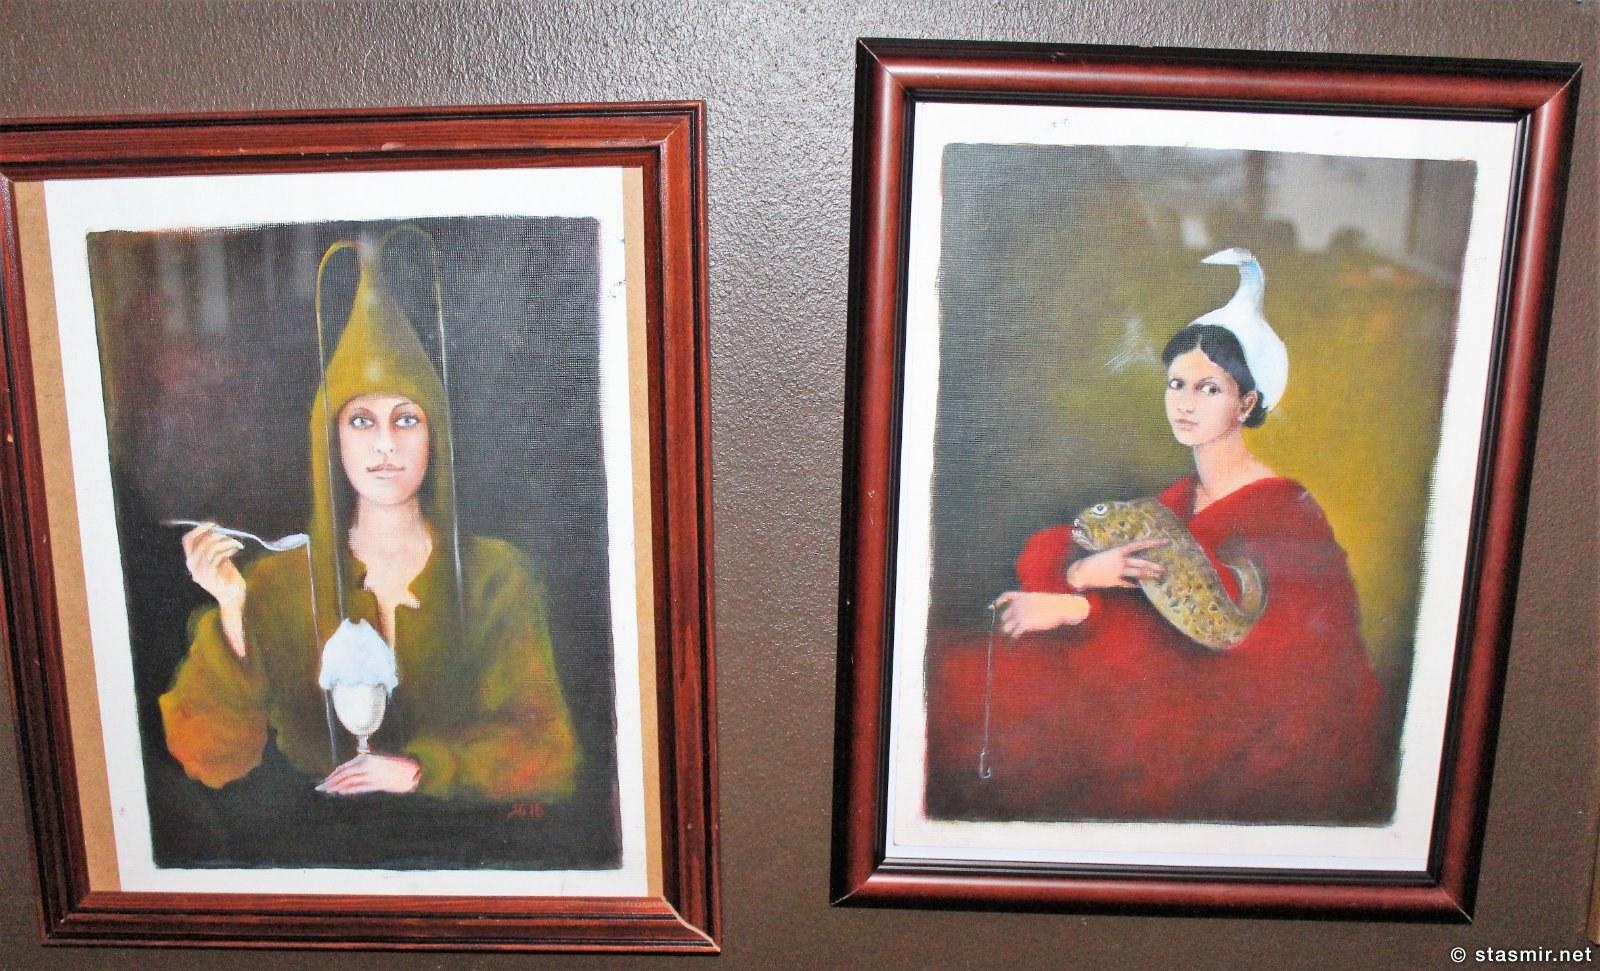 Мистические женщины-рыбы из фойе отеля Будир на полуострове Снайфедльснес, Snæfellsnes, имя дамы-художницы, клянусь, не помню, фото Стасмир, photo Stasmir